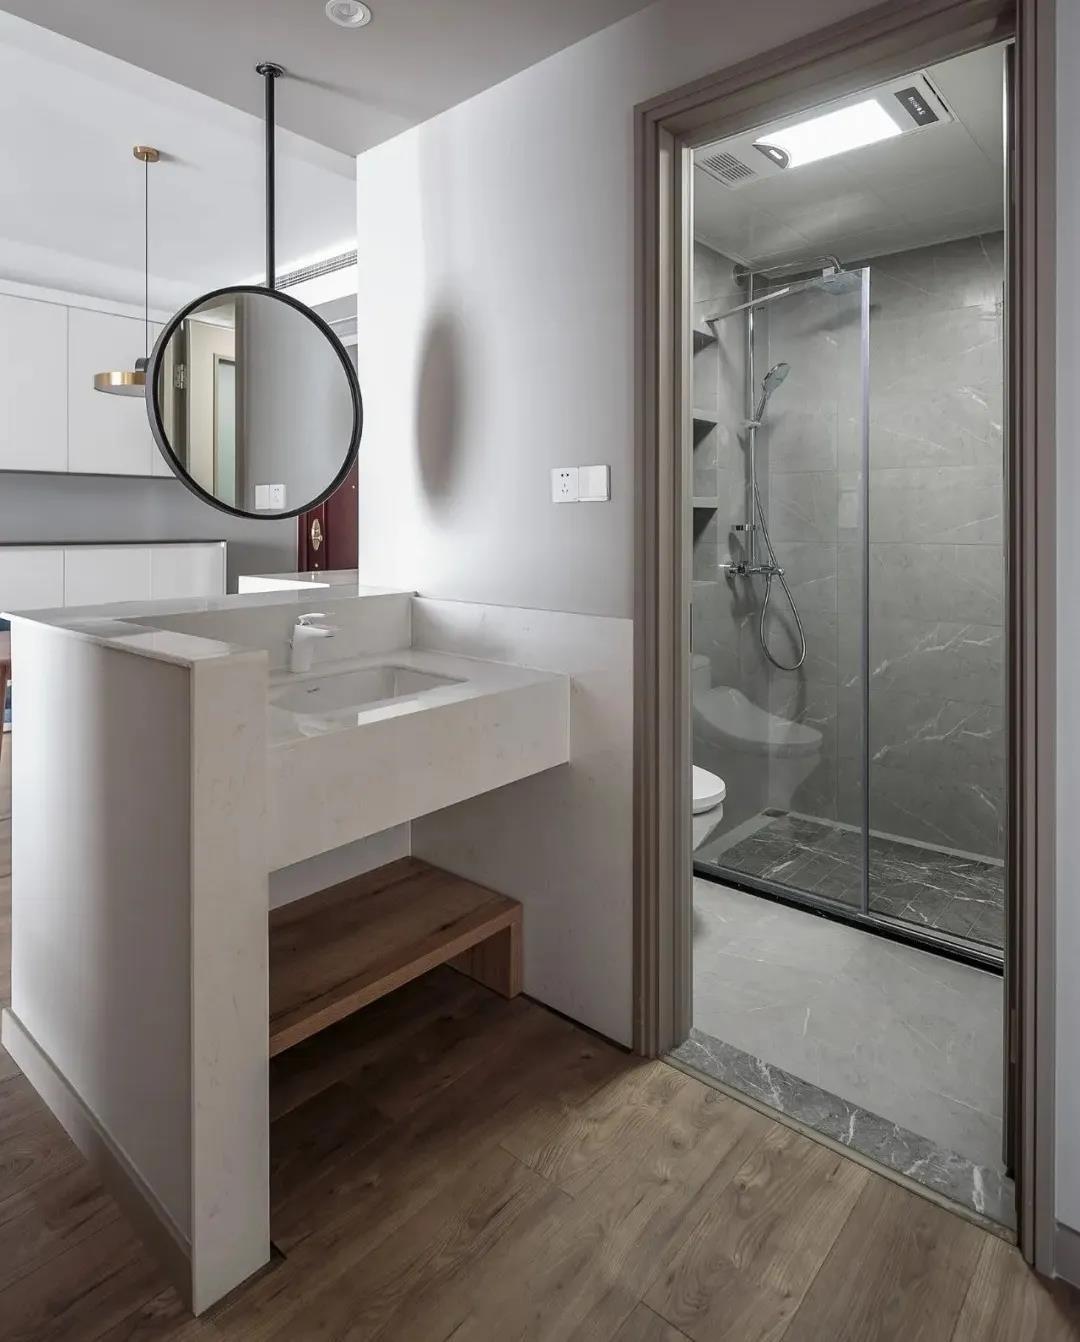 2021混搭卫生间装修图片 2021混搭洗漱台装饰设计